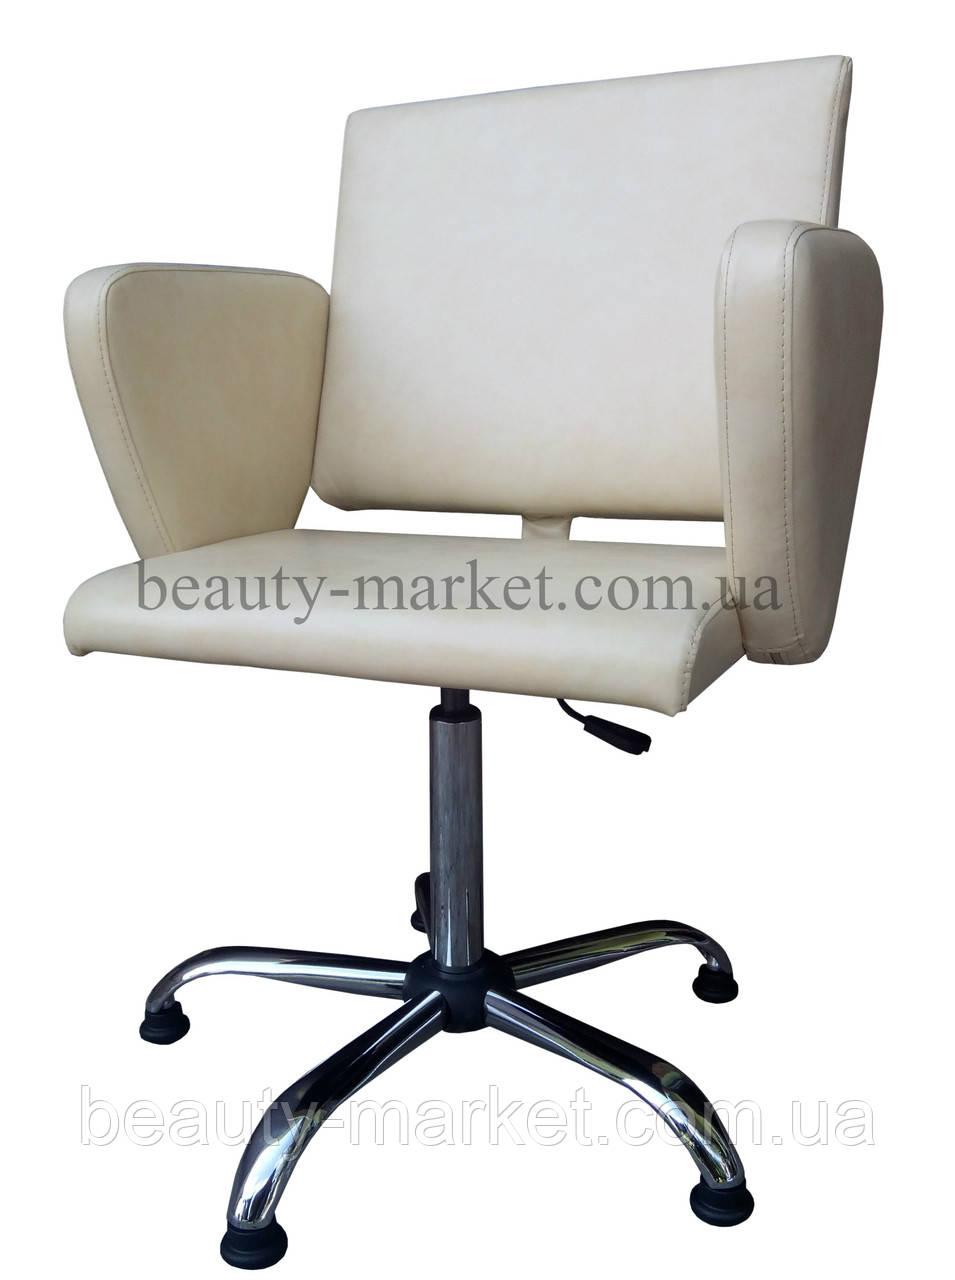 Кресло парикмахерское ROXI